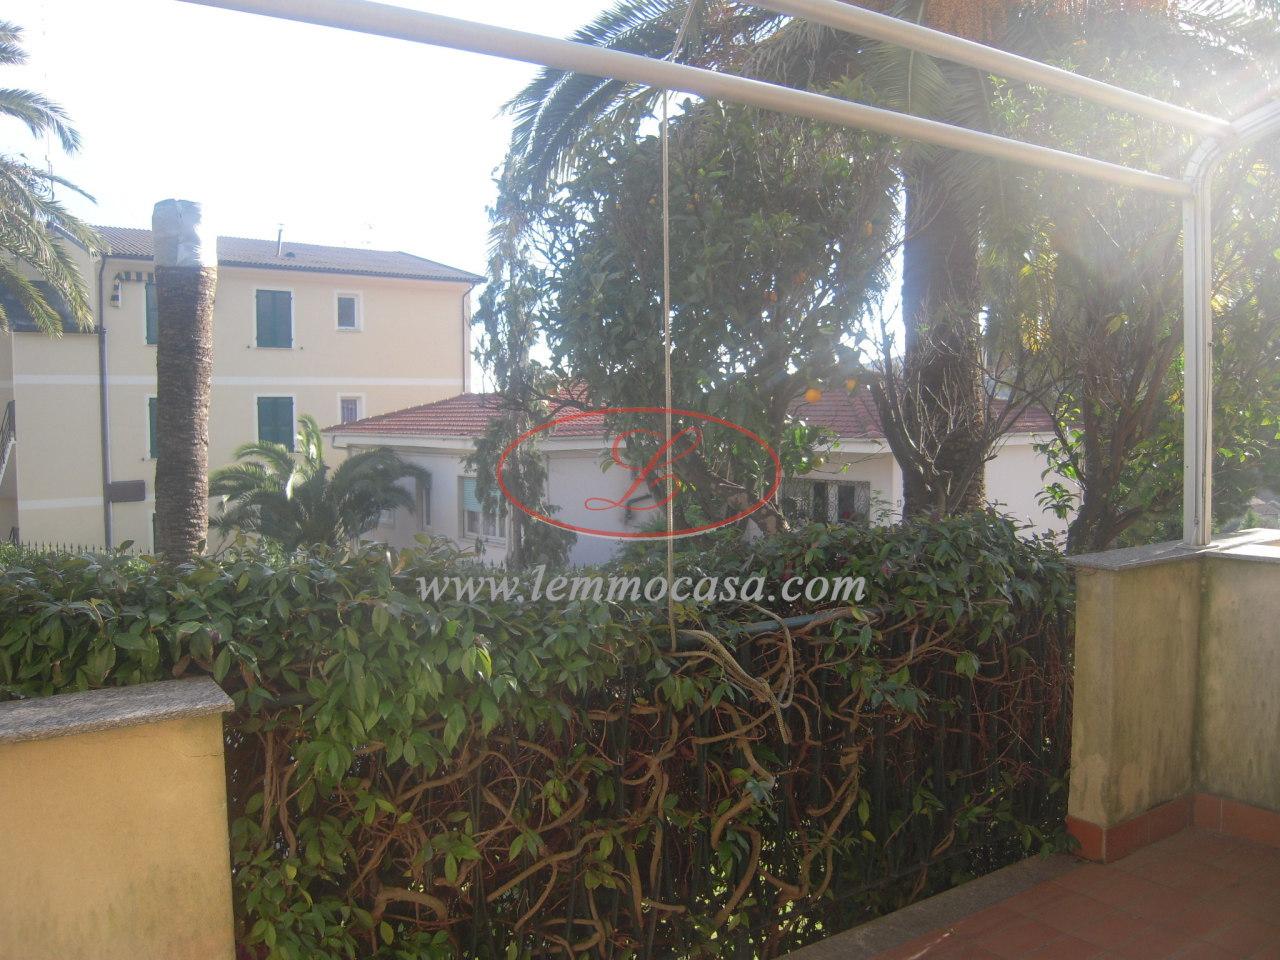 Bilocale Diano Castello Via Diano Castello 8